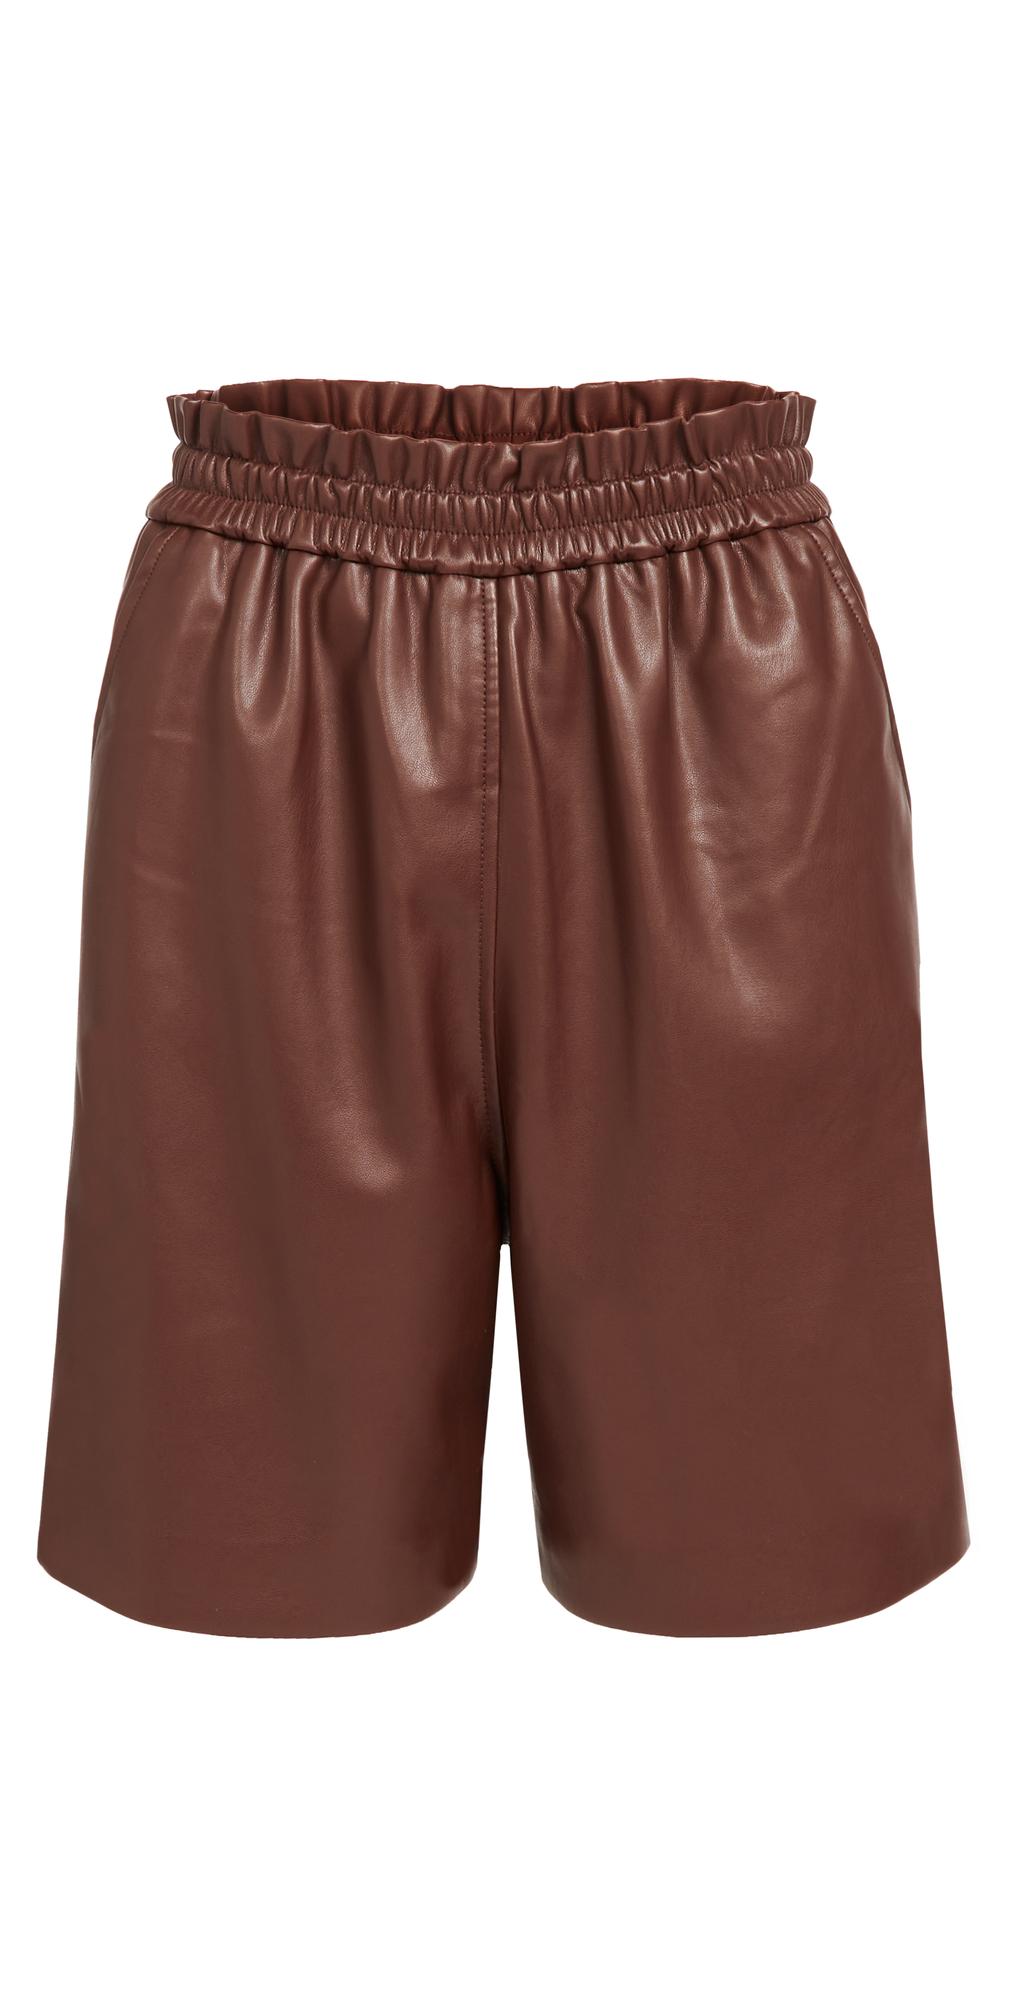 Pantas Shorts